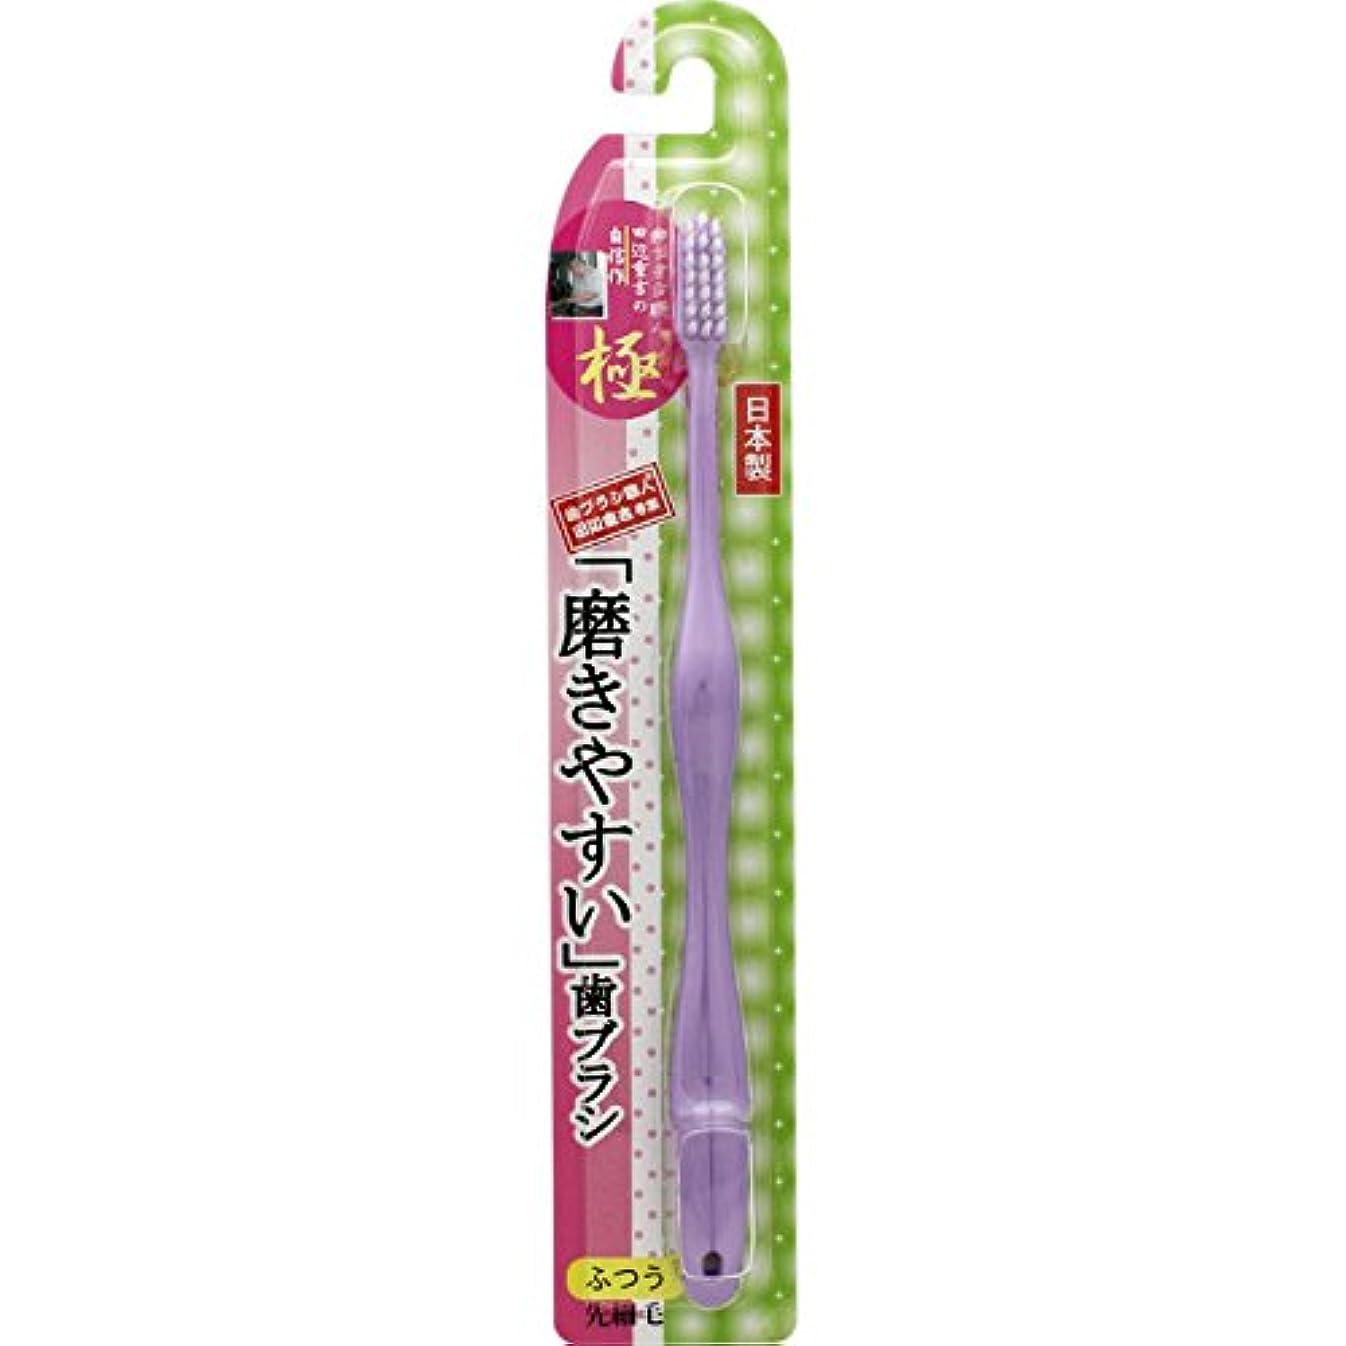 にじみ出る保守可能細菌ライフレンジ 磨きやすい歯ブラシ 極 LT-24 ふつう 1本